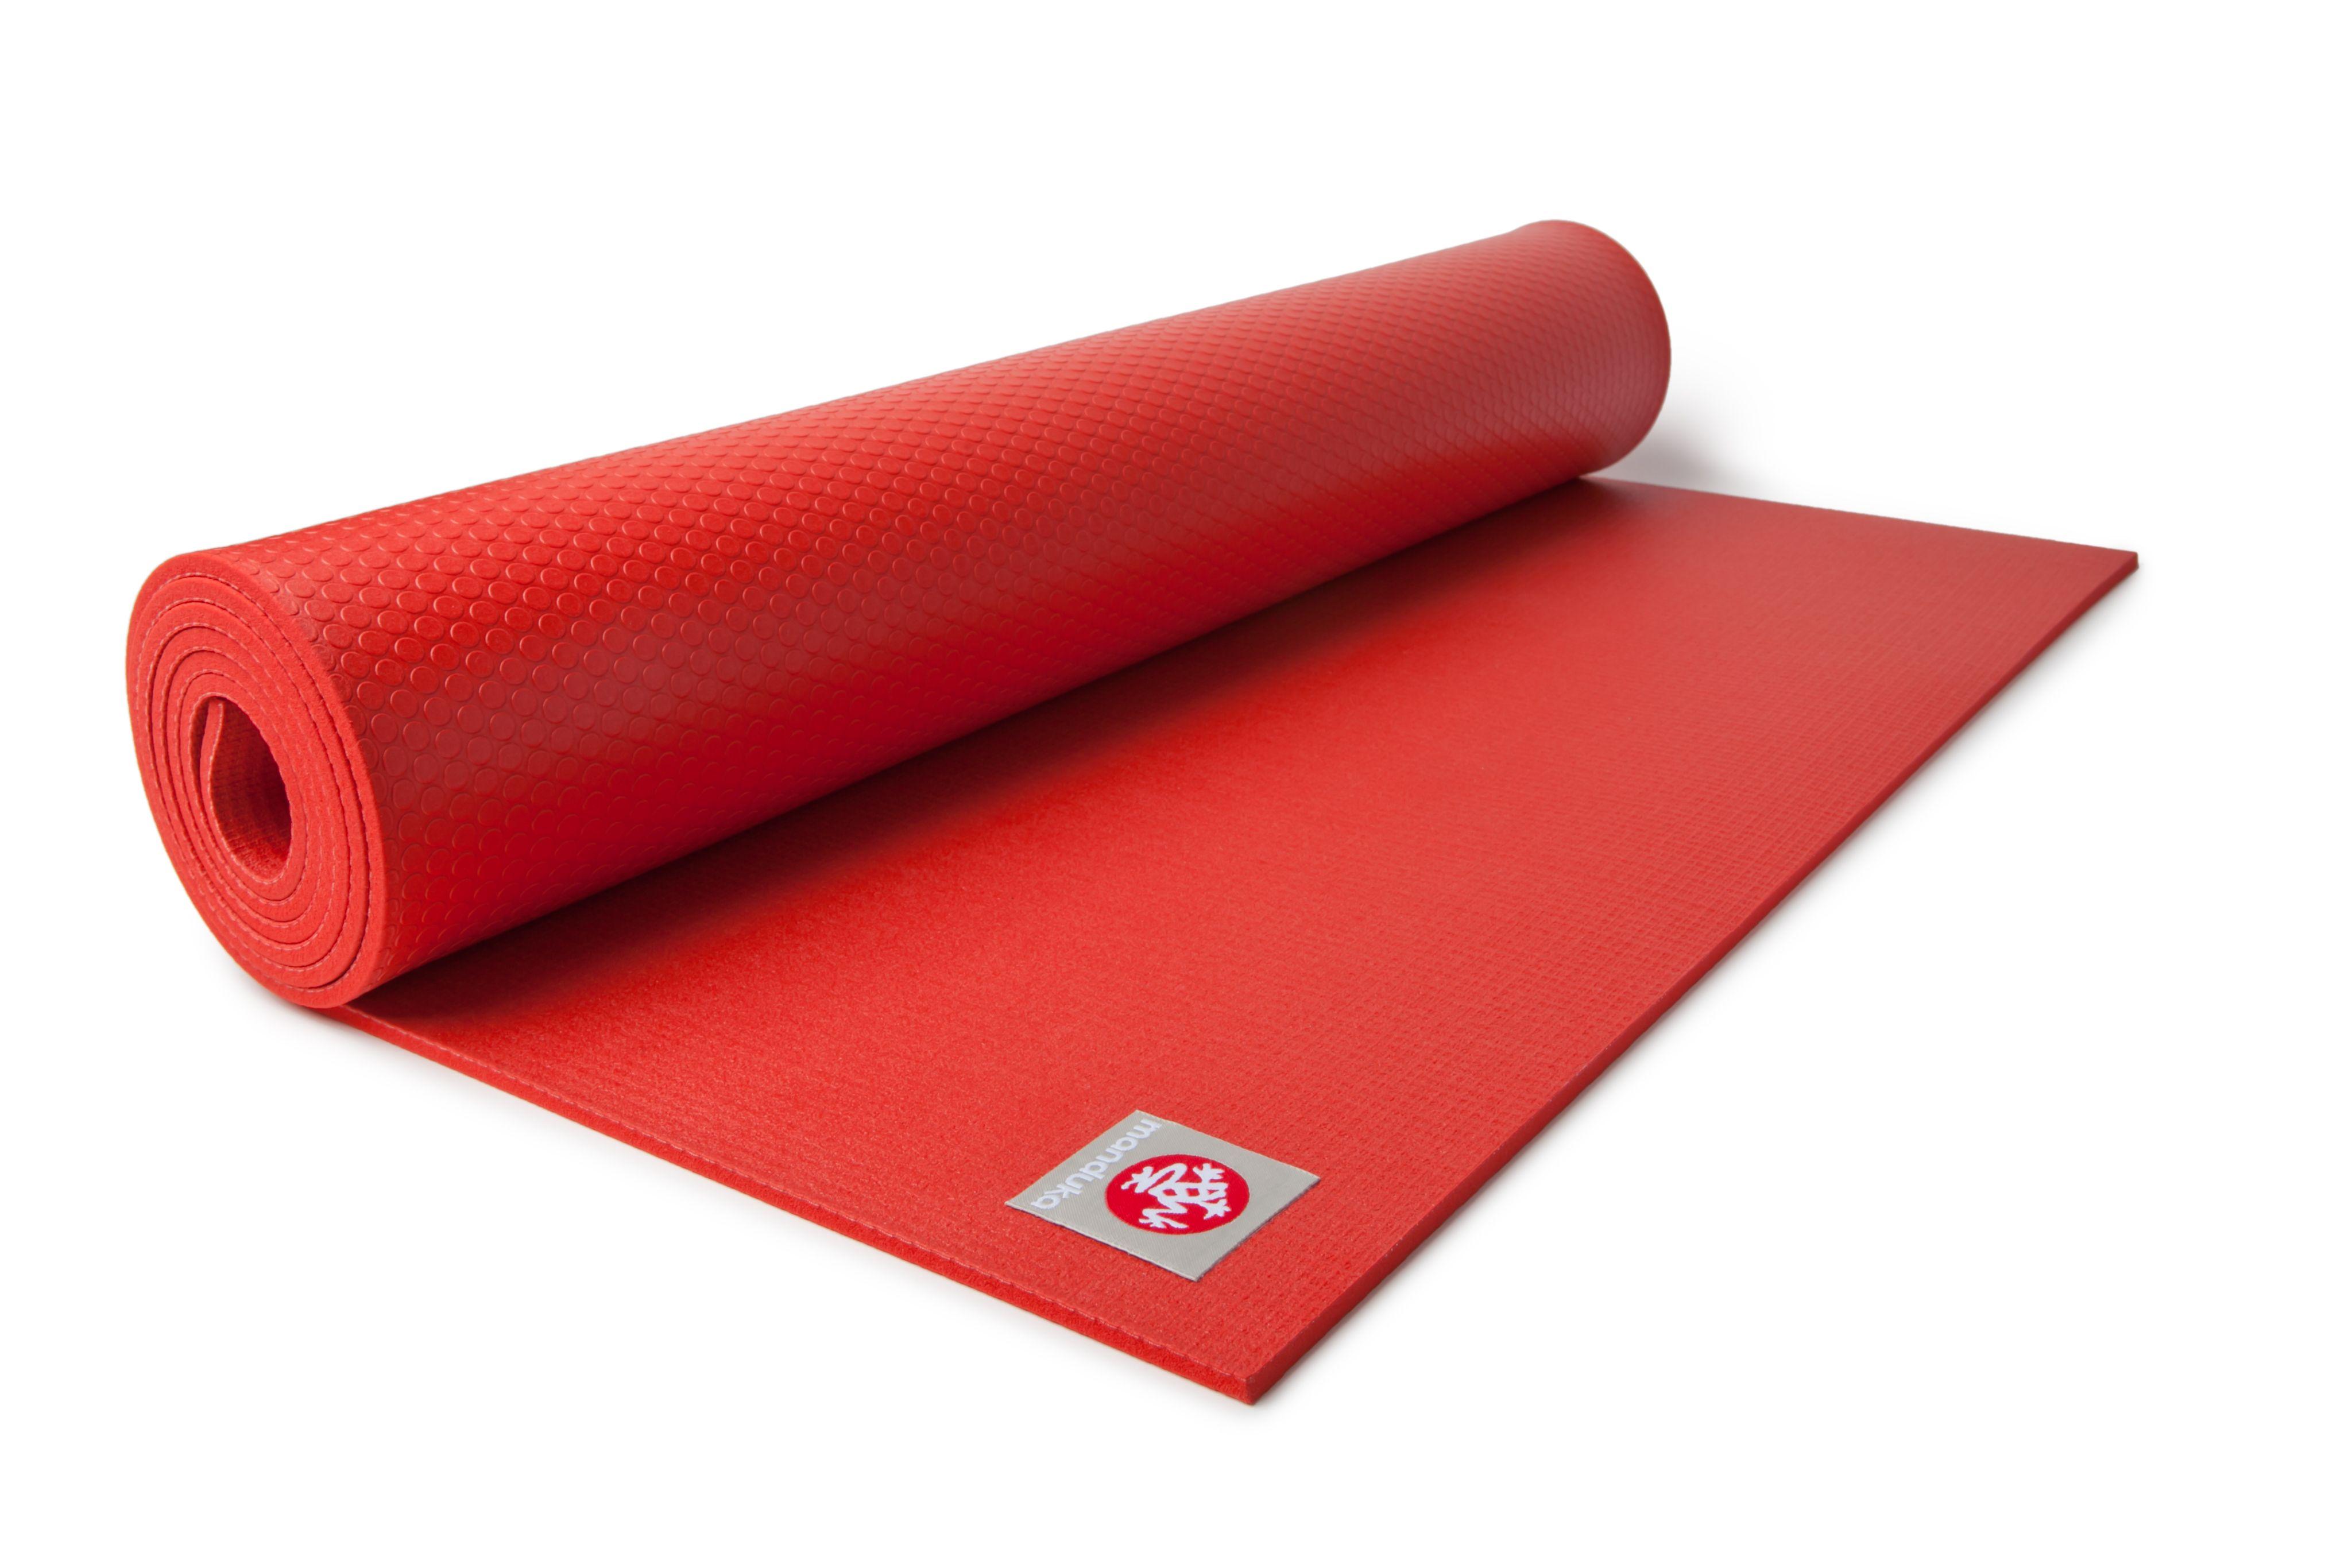 Manduka Pro Black Surf Size Long 85 138 I Want One Of These Wishlisted Manduka Yoga Mat Yoga Mats Best Manduka